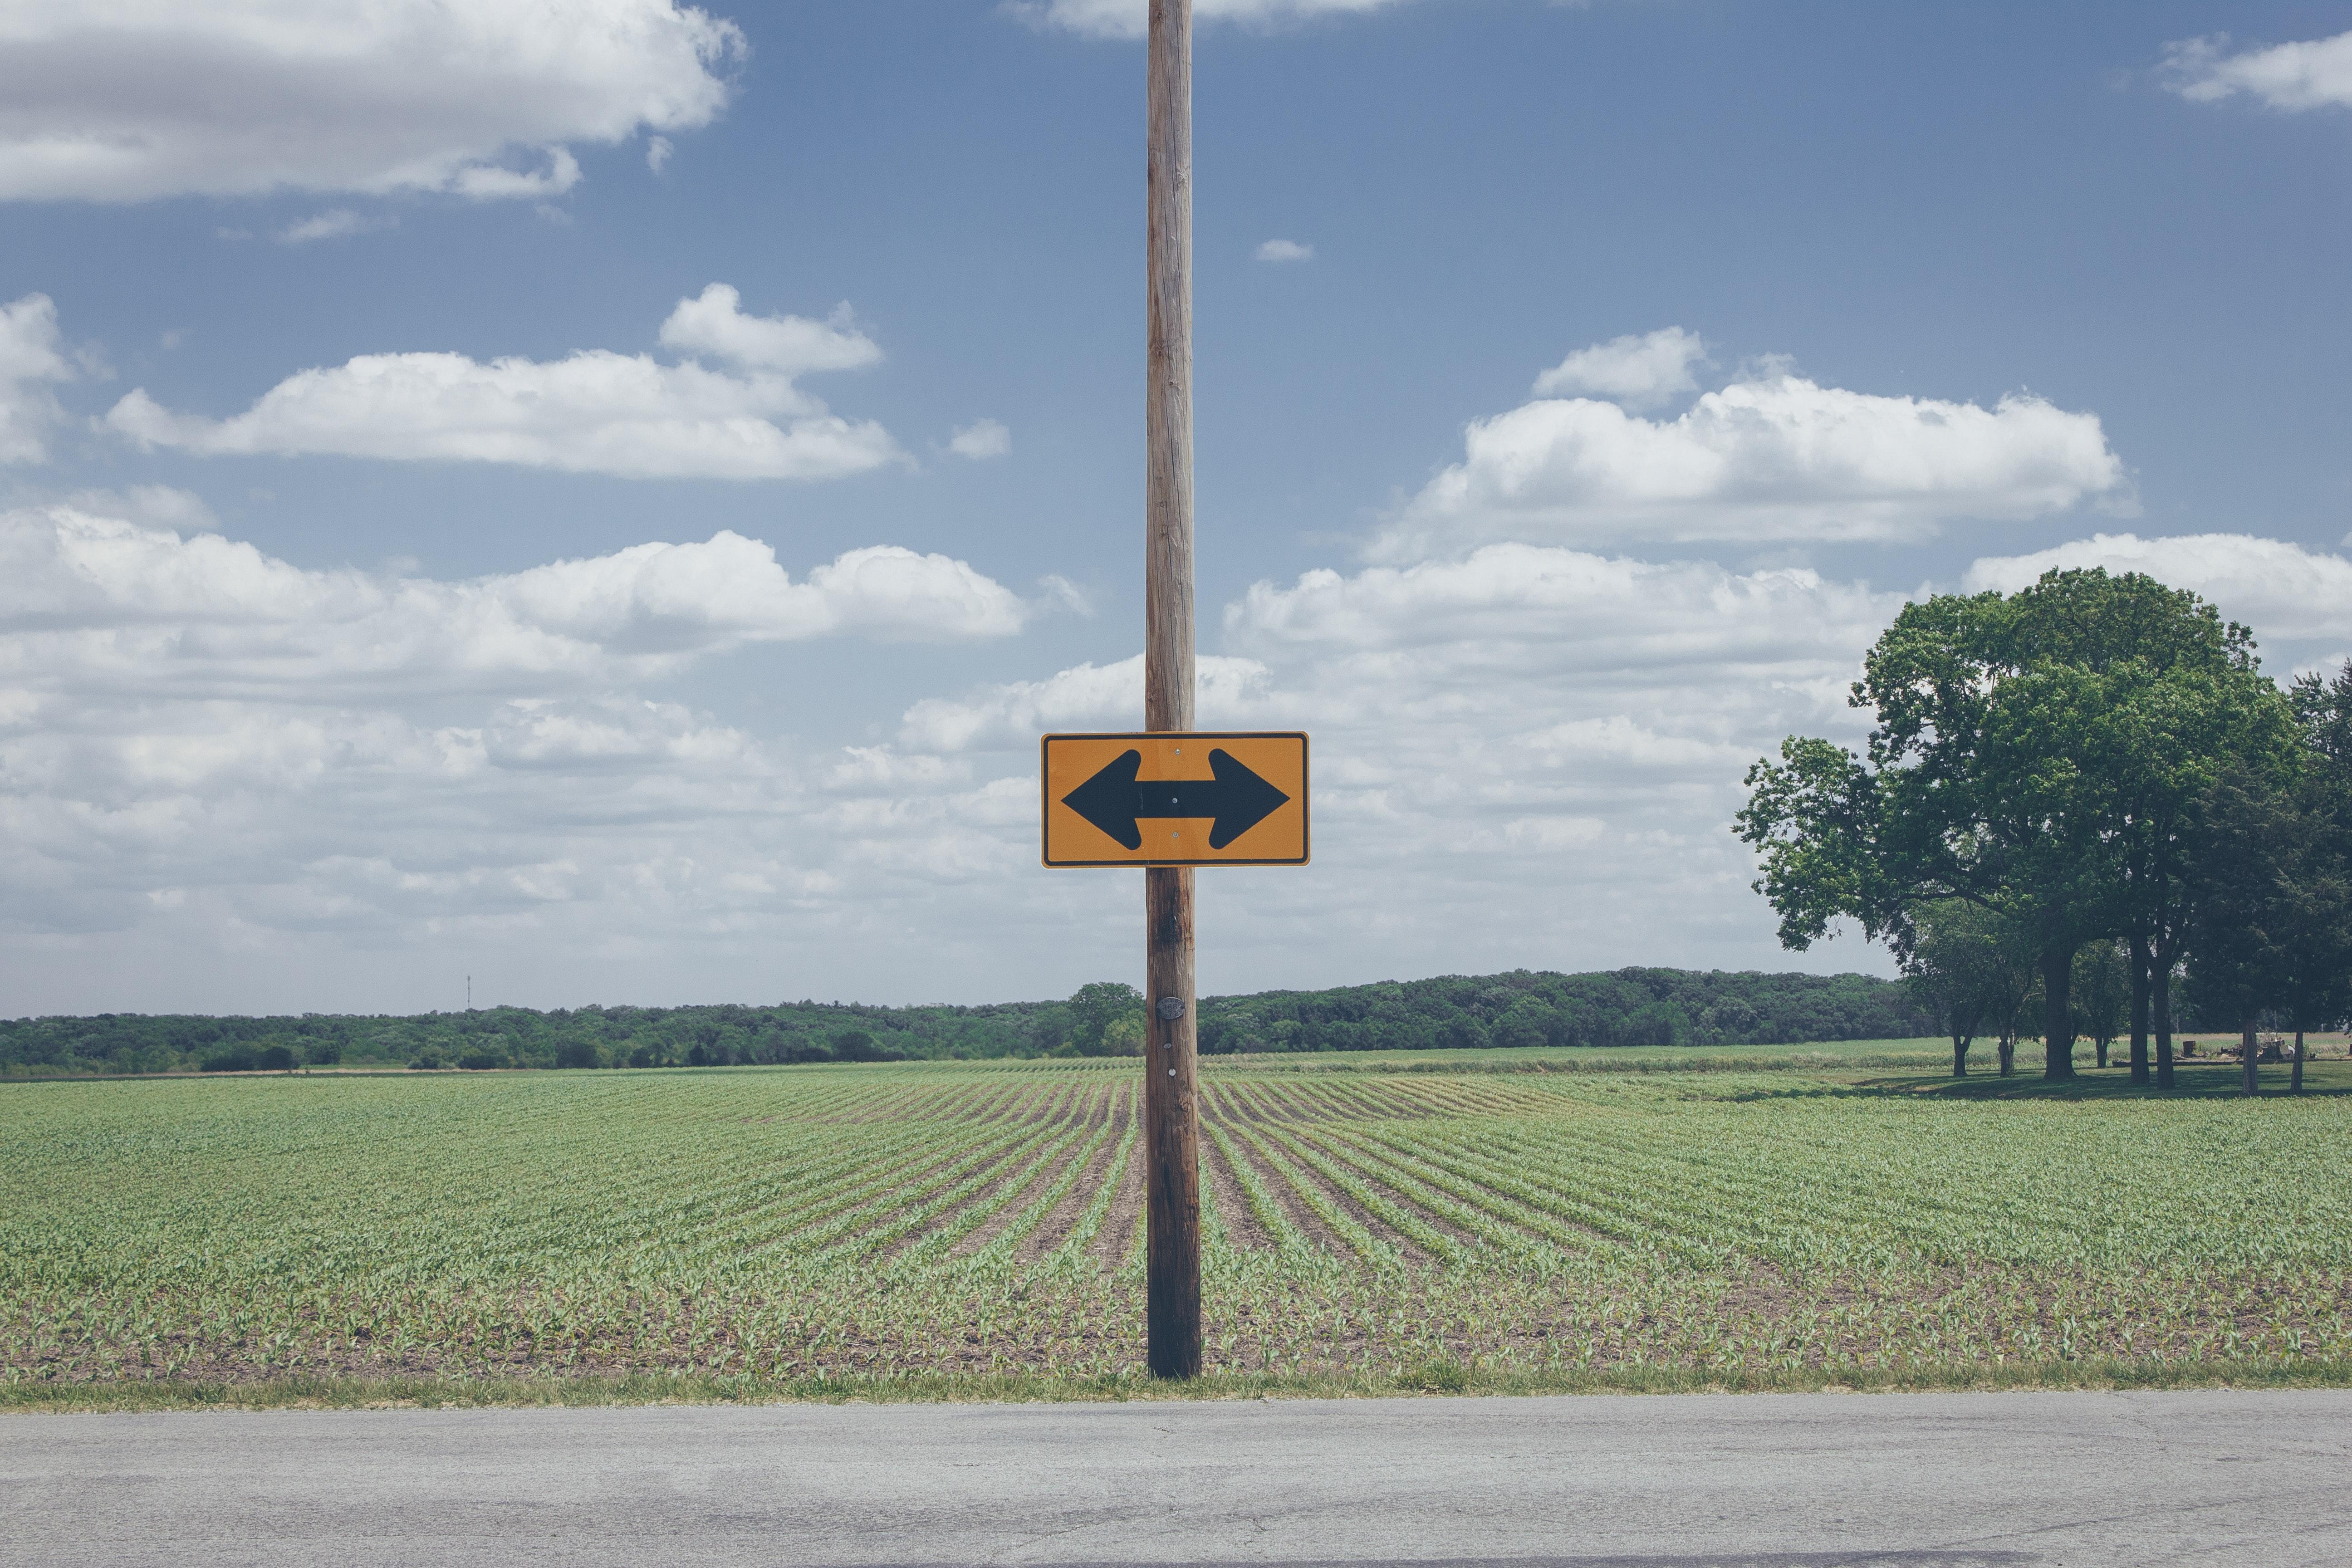 rozstaje dróg, oznaczone znakiem drogowym